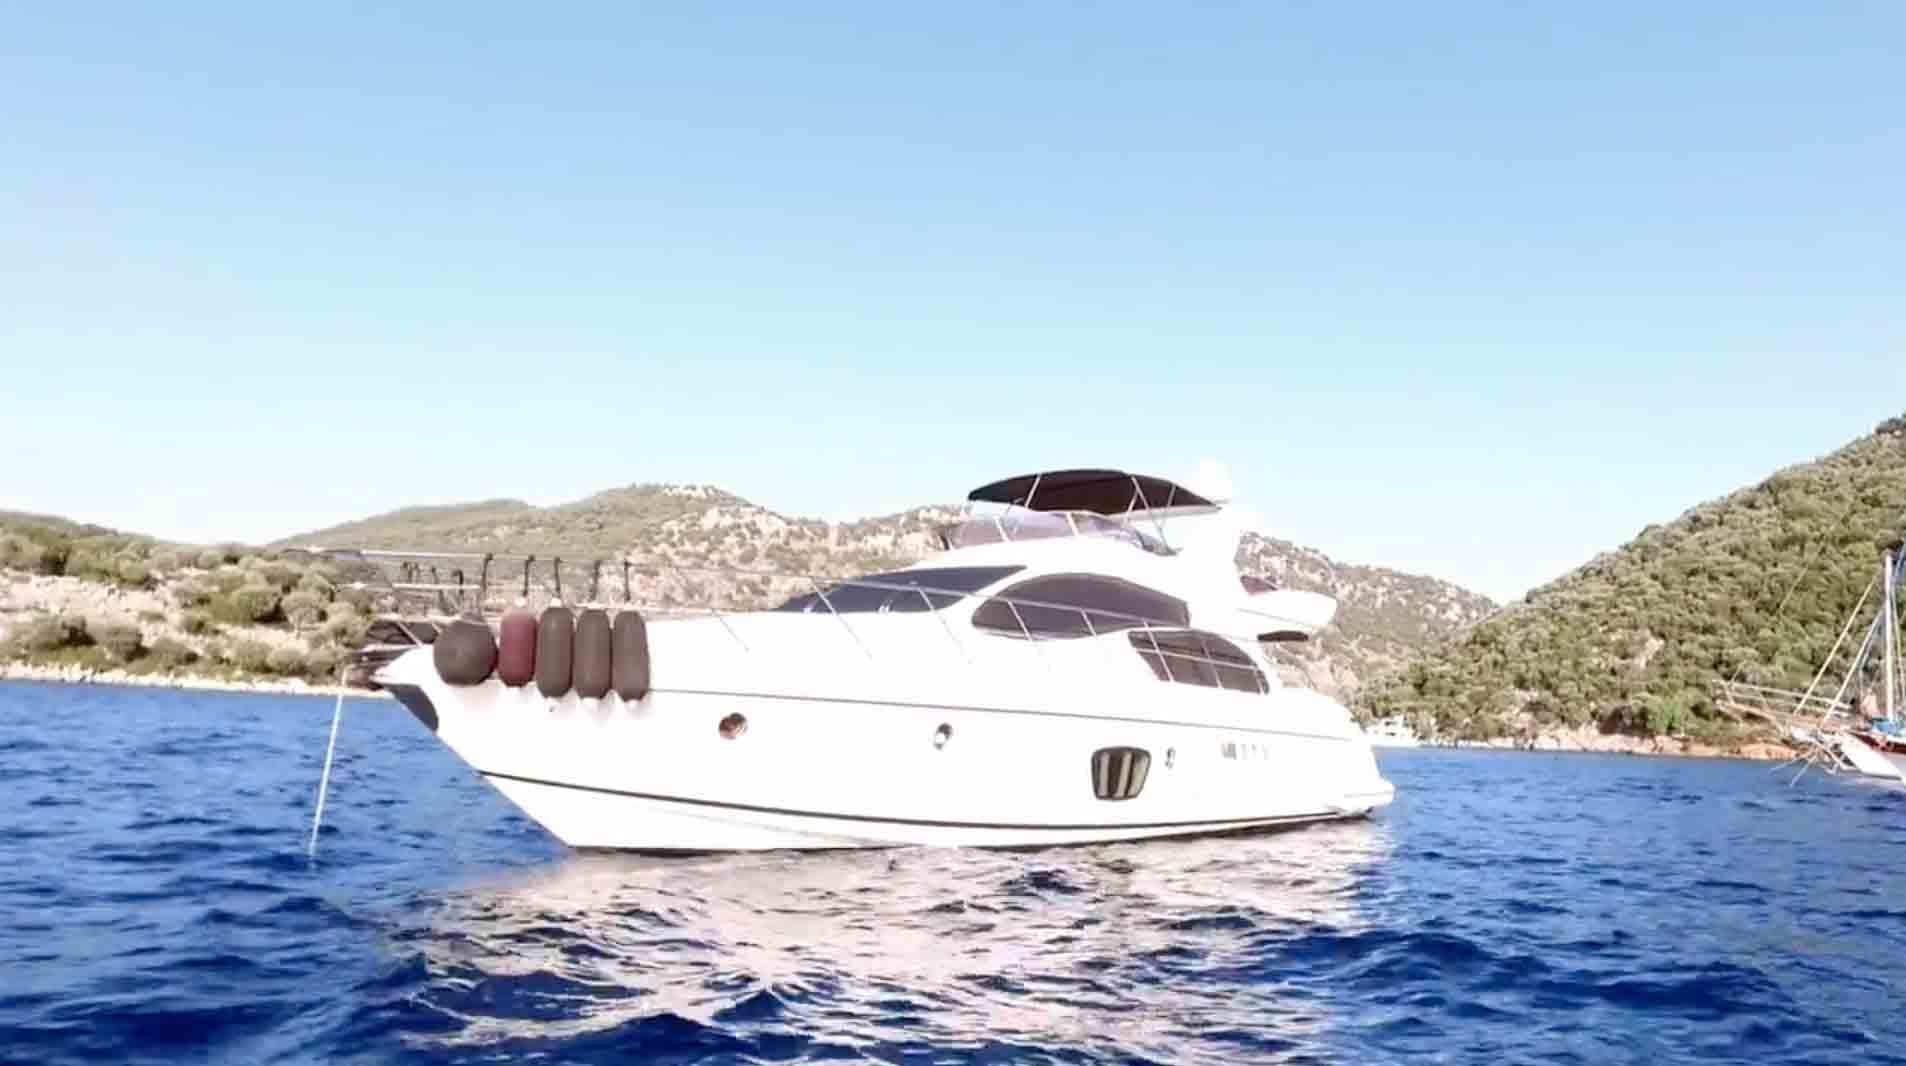 Dream-holiday-on-a-yacht-in-Dalaman-Turkey